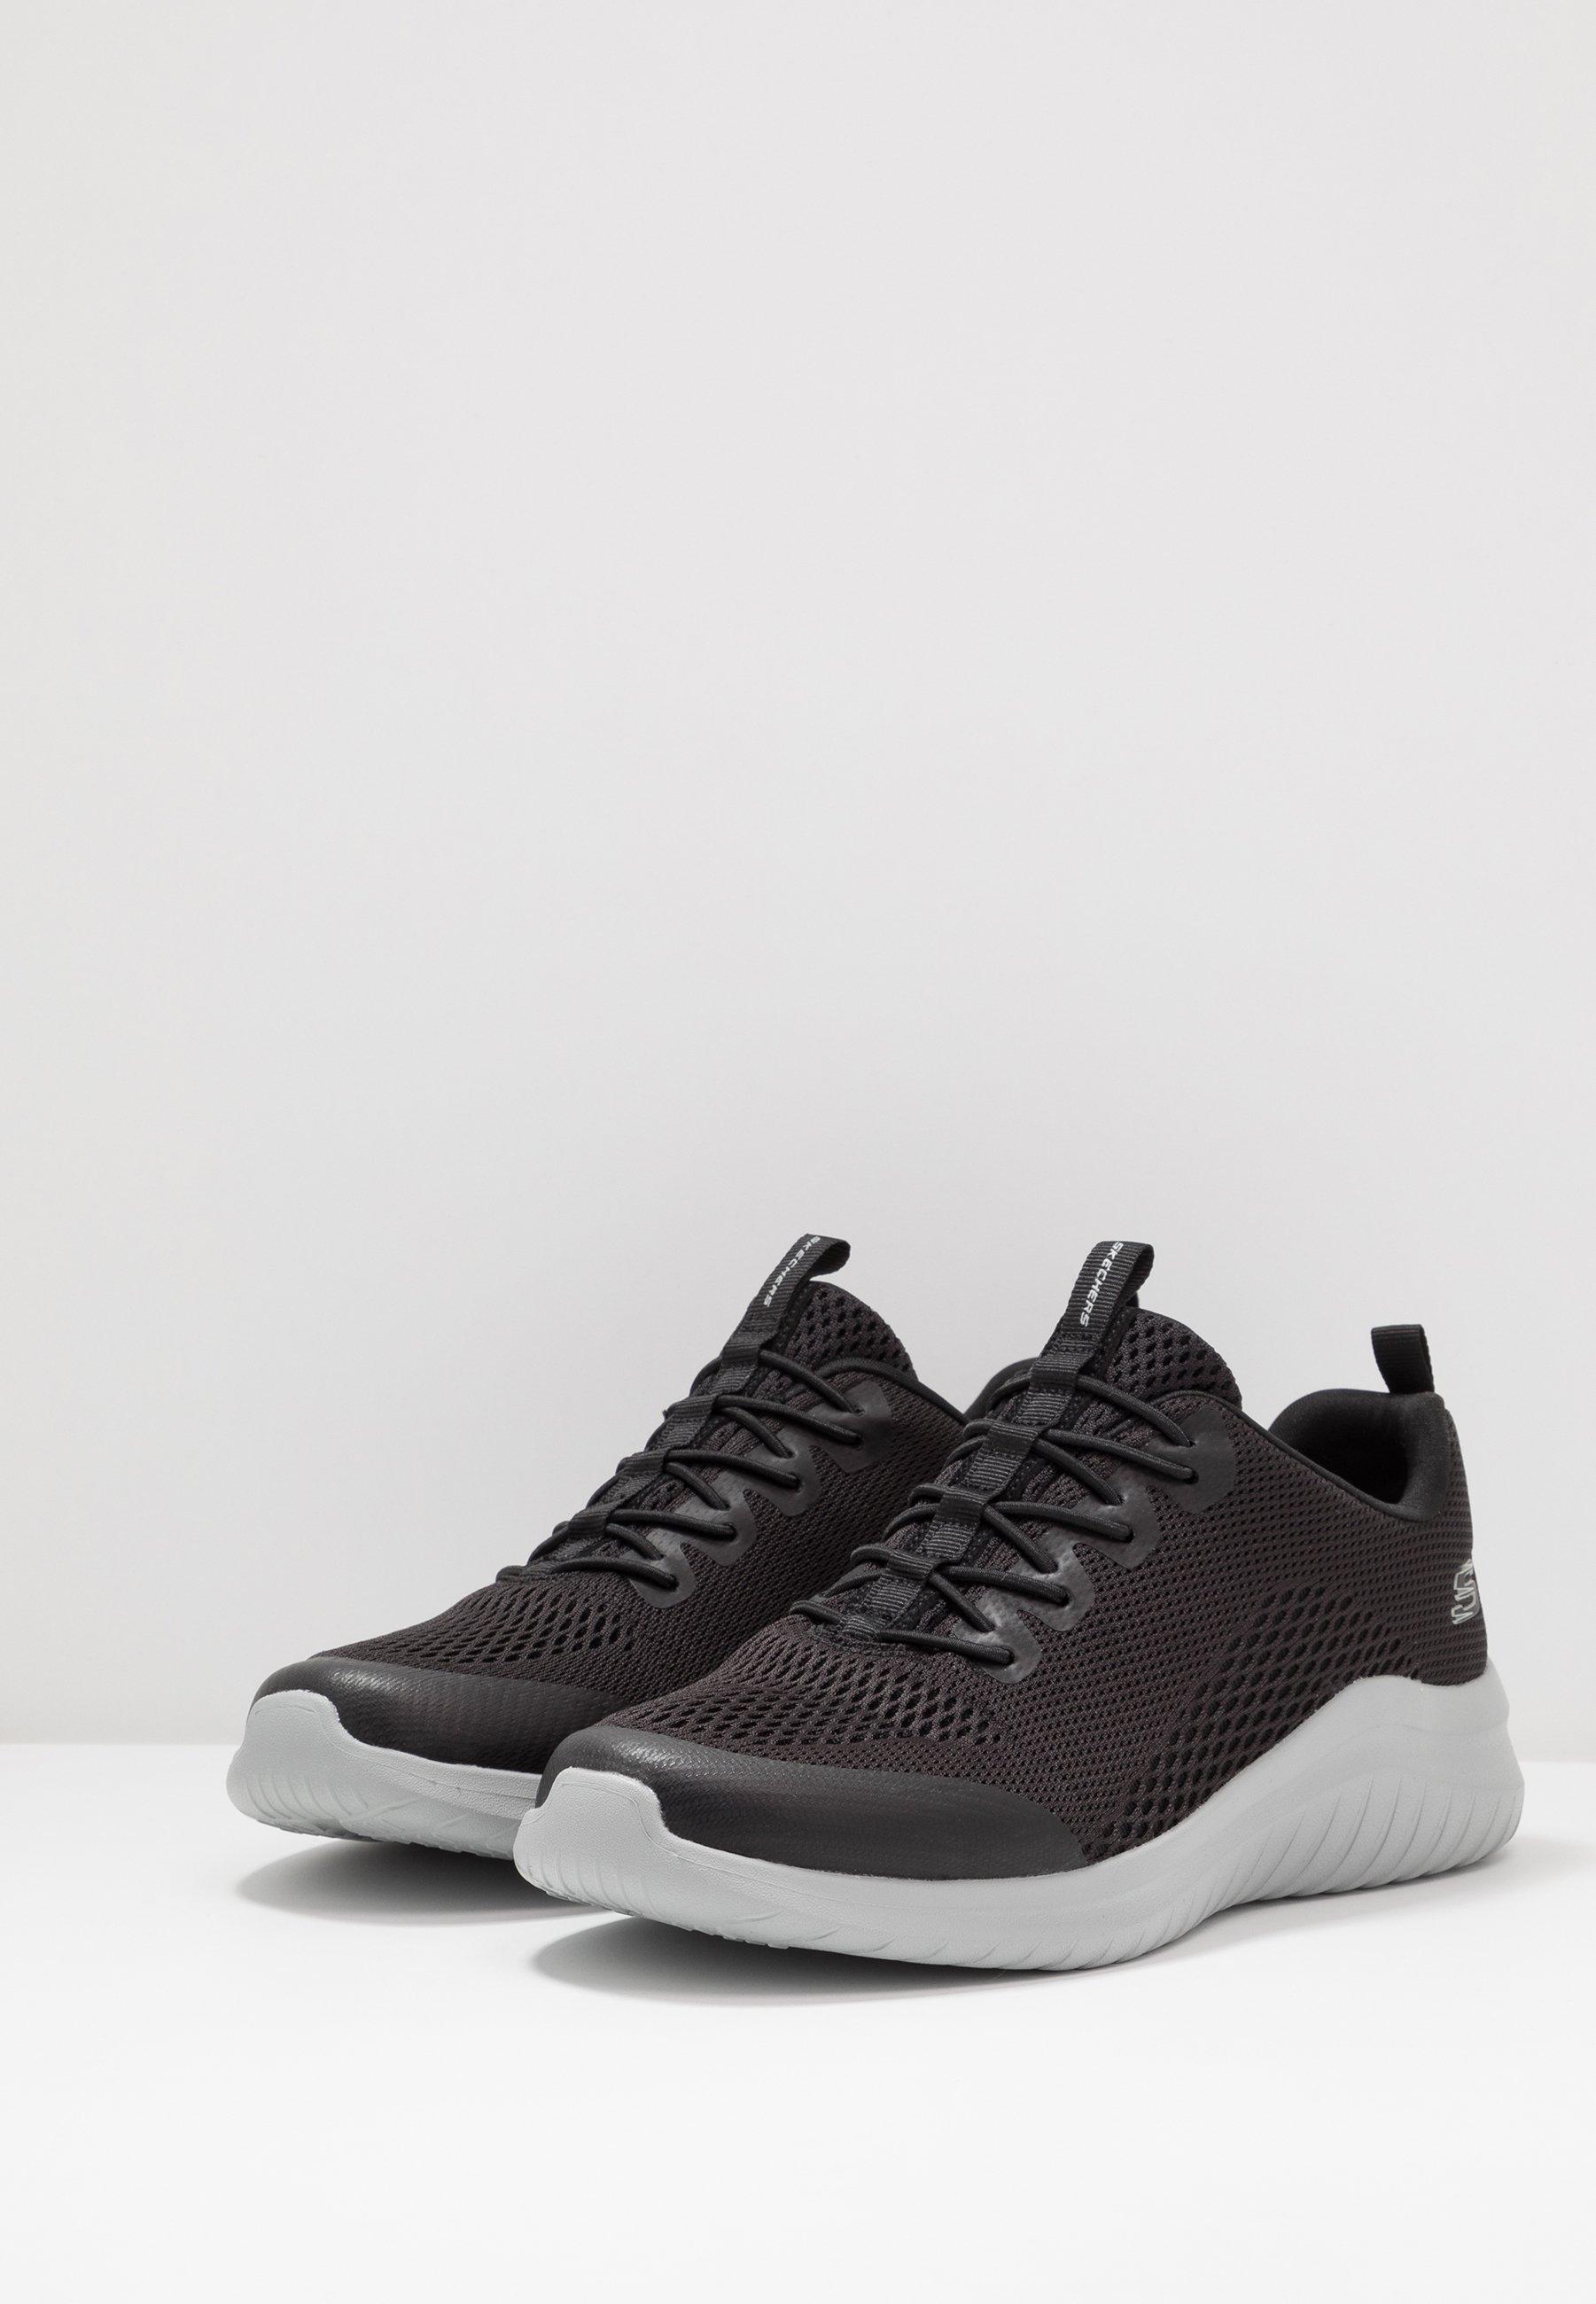 Pulito e classico Scarpe da uomo Skechers Sport ULTRA FLEX 2.0 Sneakers basse black/gray